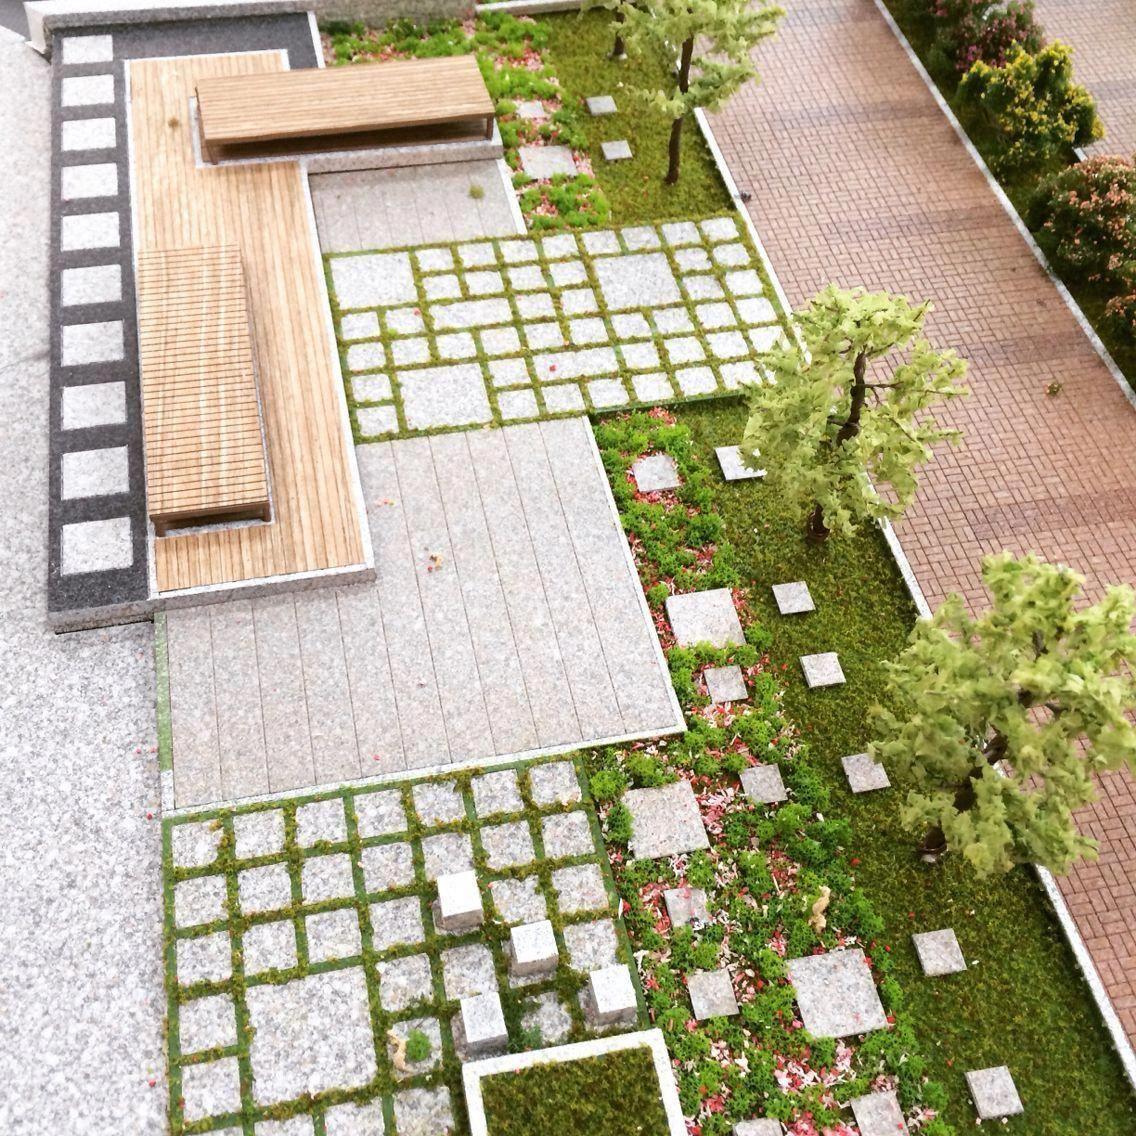 Garden Landscape Design Smallgardenlandscapedesign Urban Landscape Design Landscape And Urbanism Architecture Landscape Design Plans